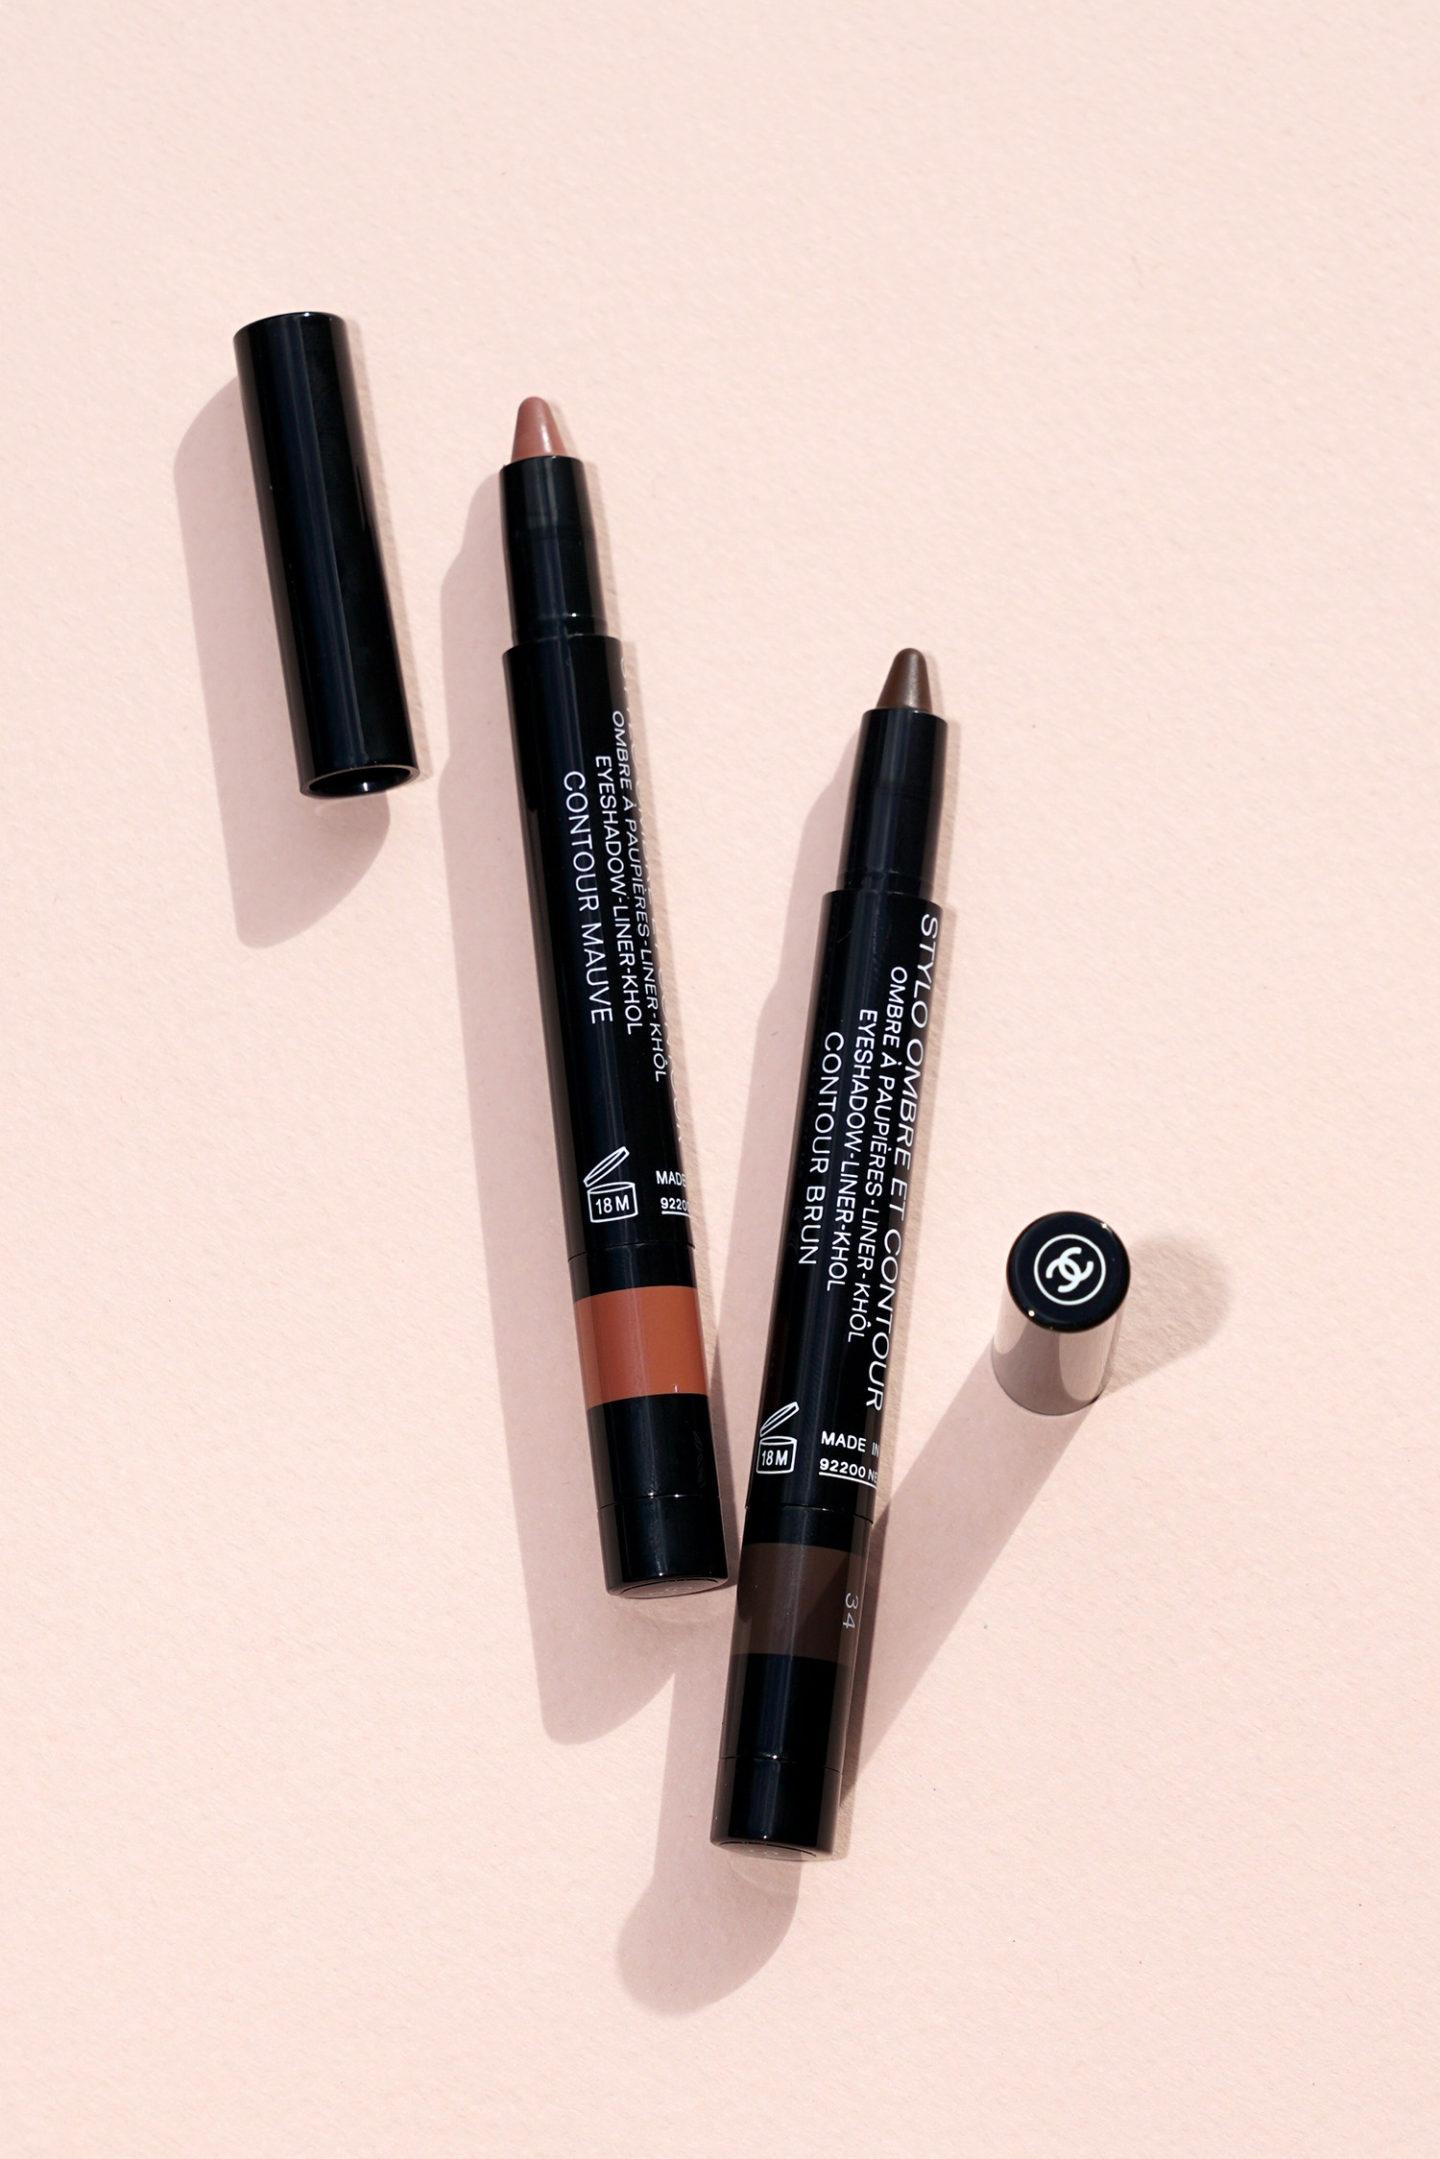 Chanel Printemps 2020 Stylo Ombre et Contour